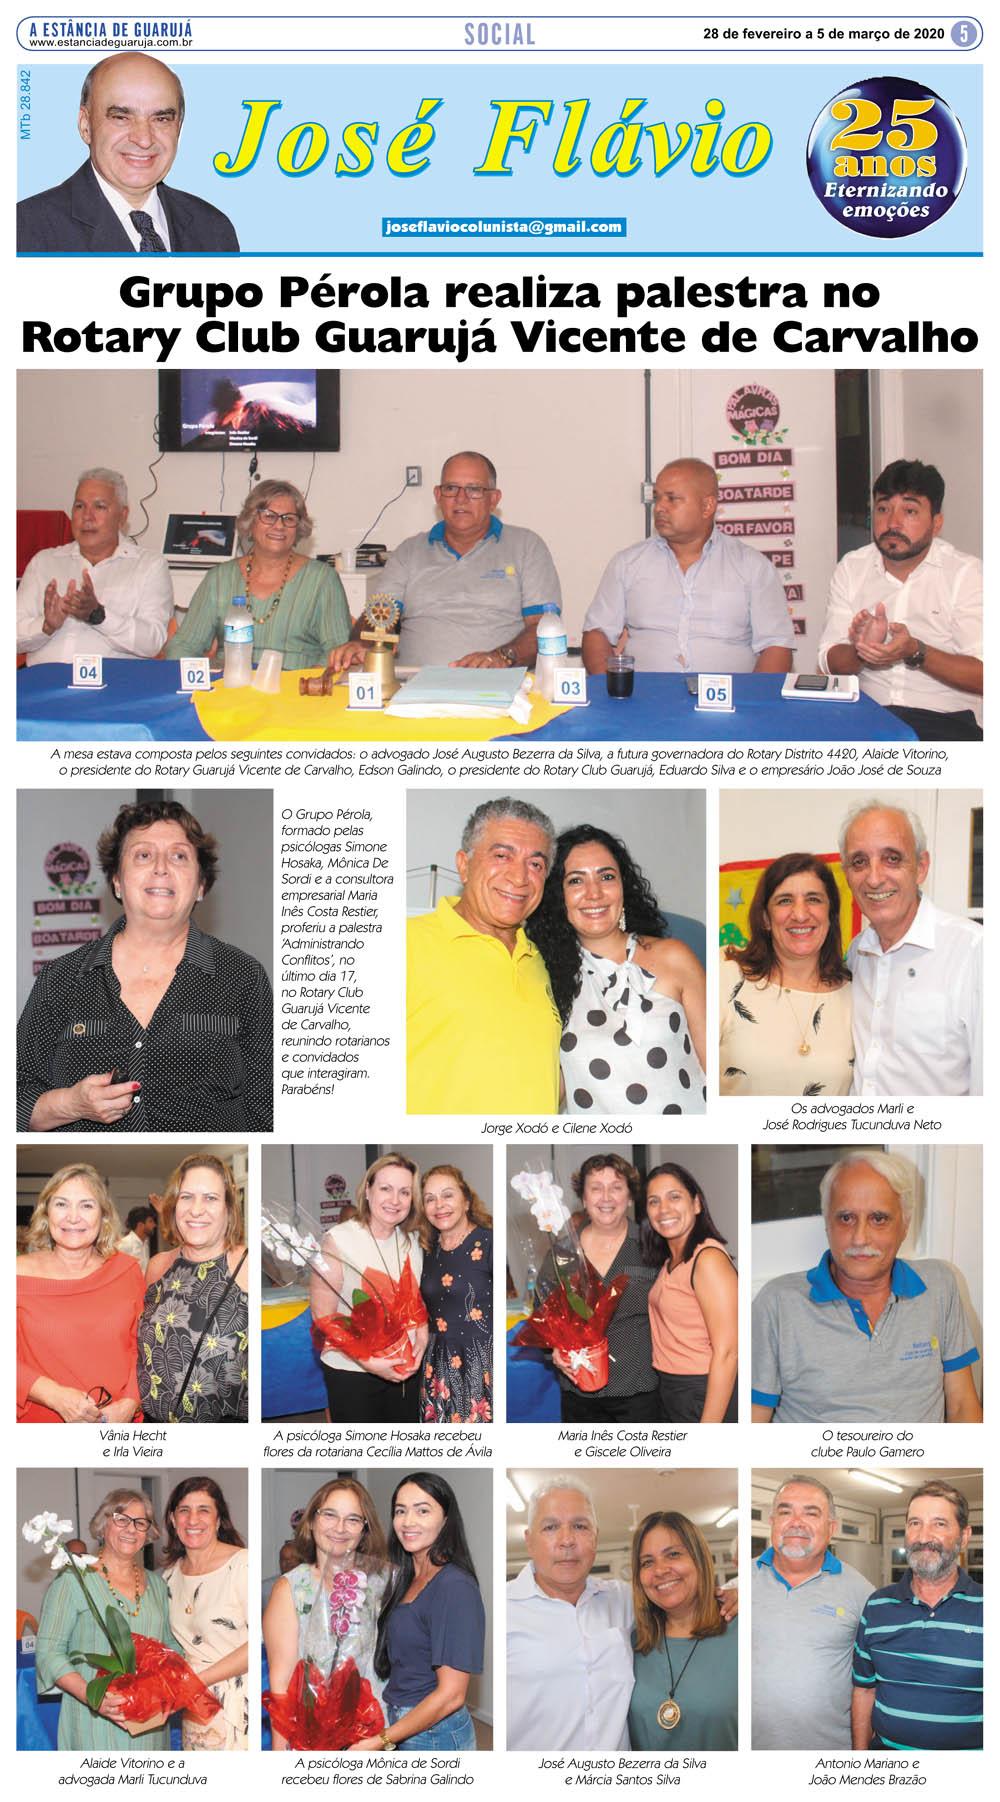 Grupo Pérola realiza palestra no Rotary Club Guarujá VC